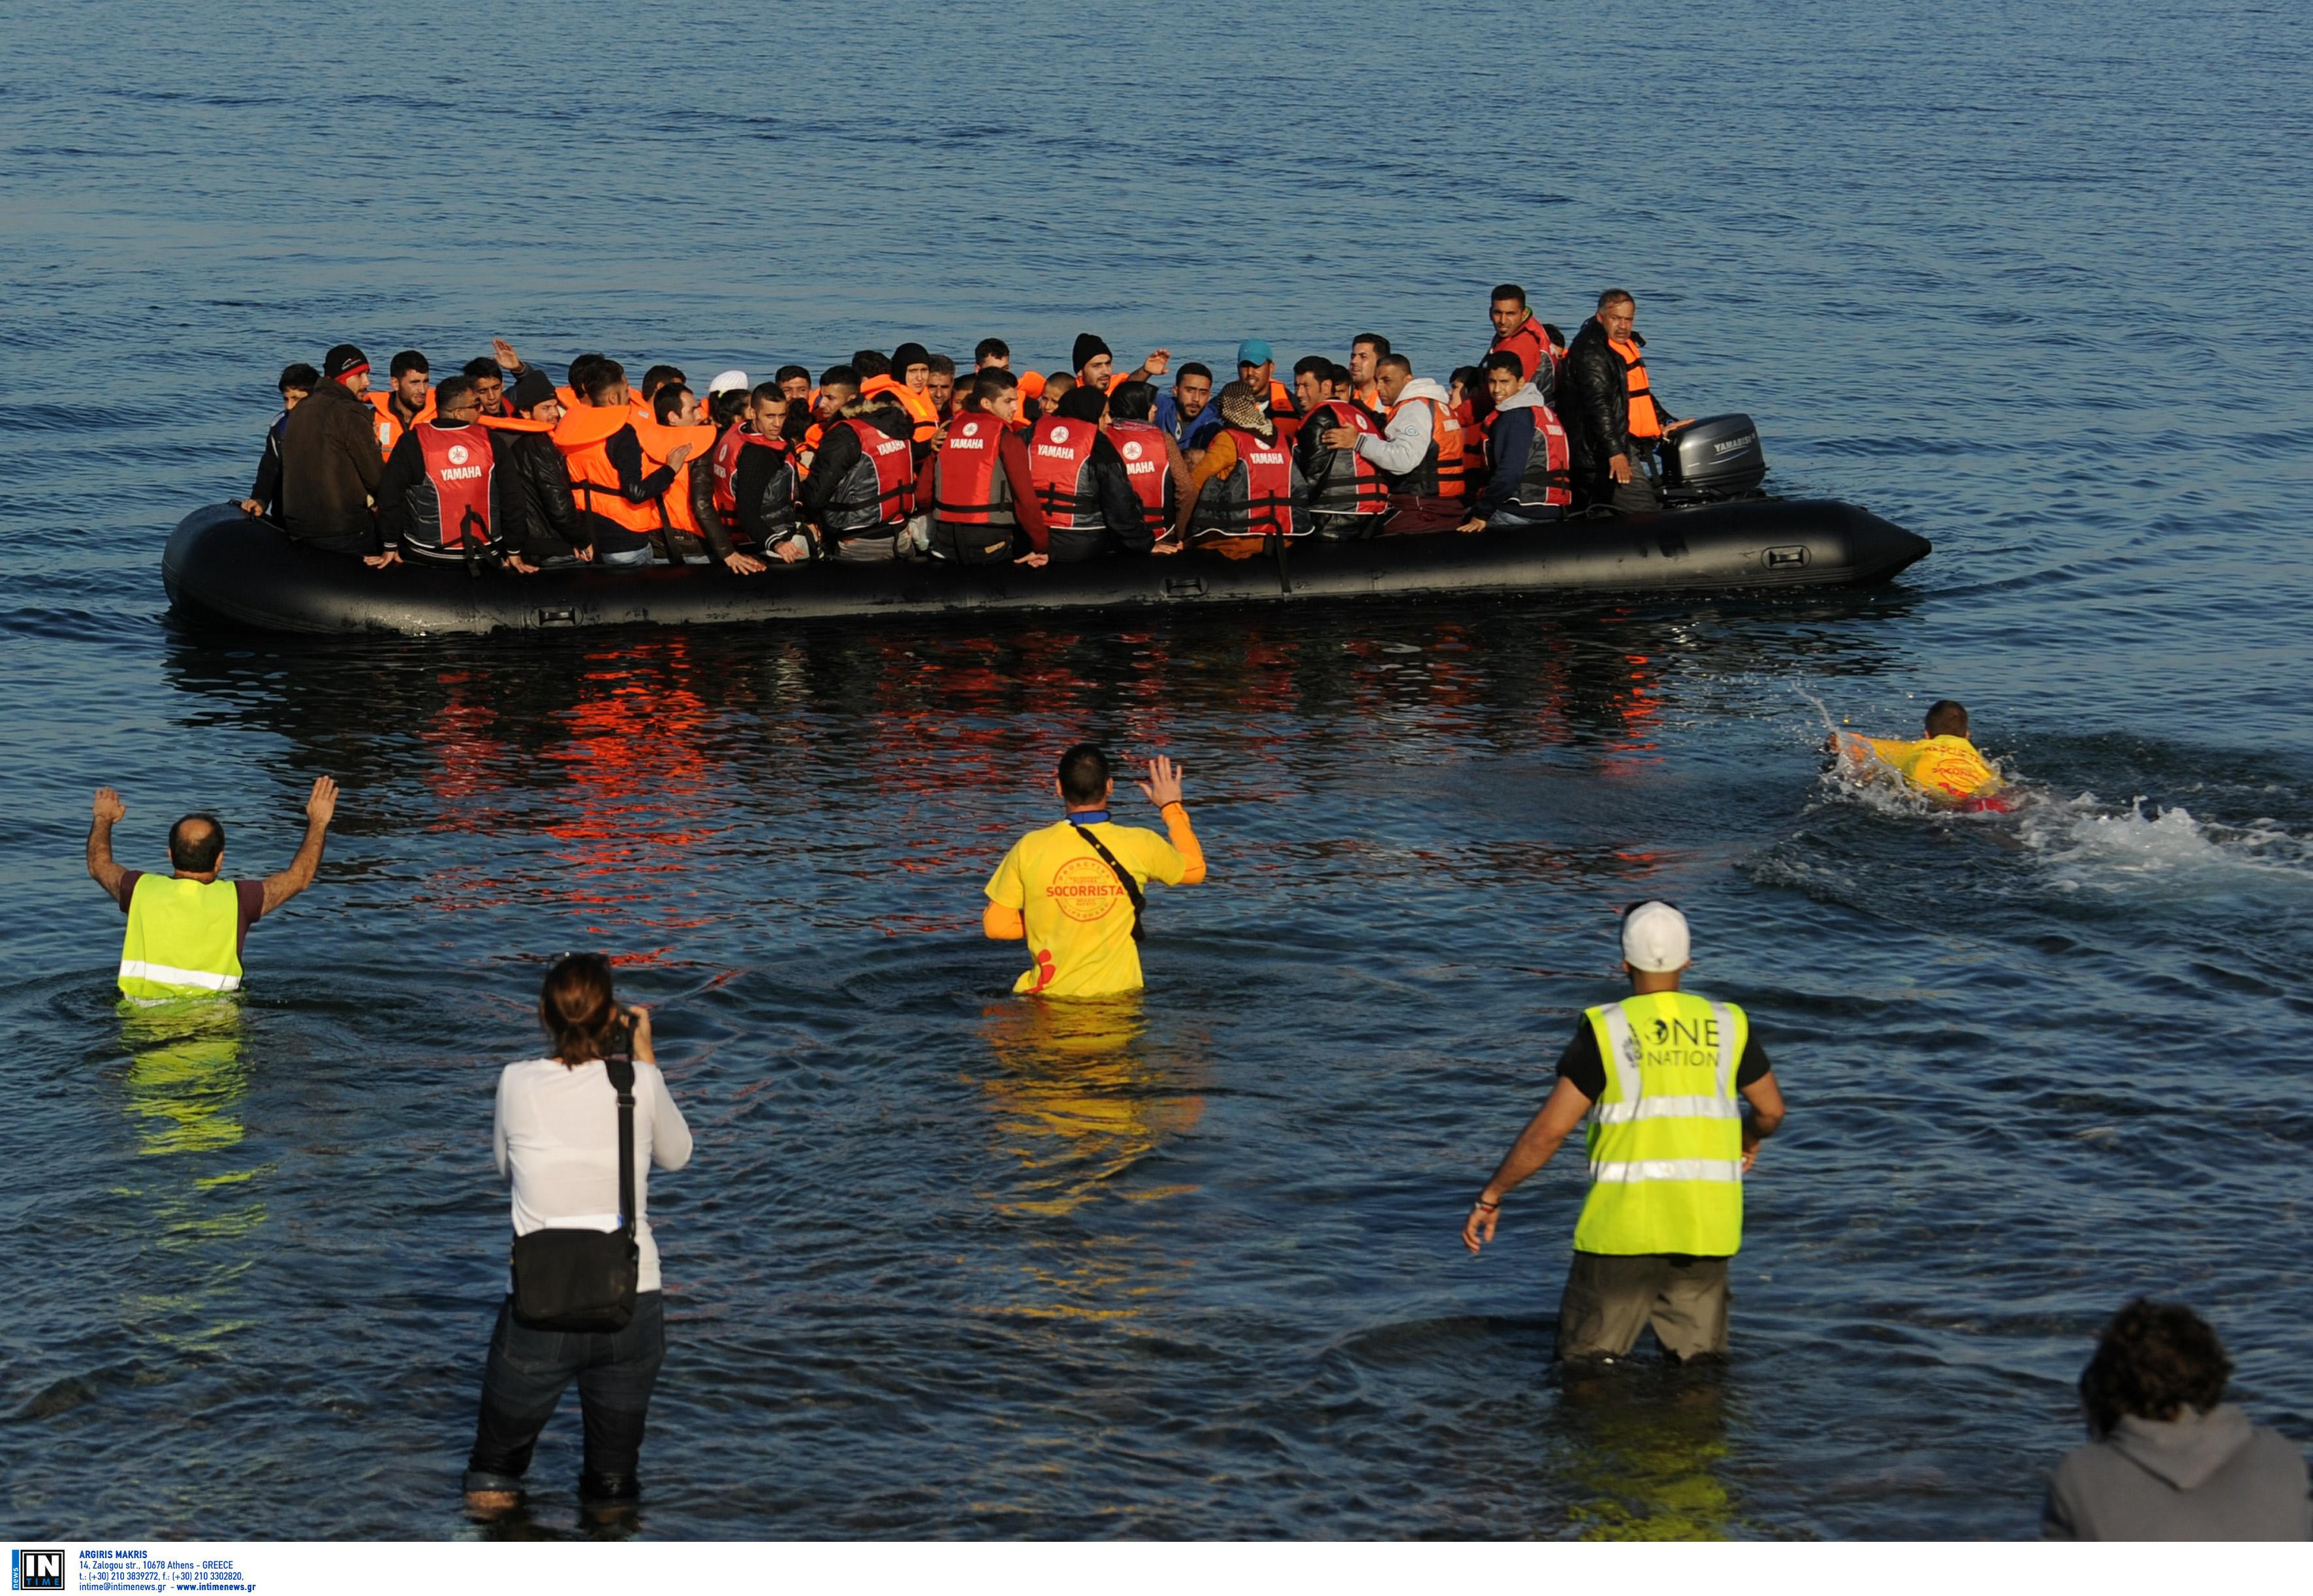 Αυξήθηκαν κατά 25% οι αφίξεις μεταναστών στα ελληνικά νησιά σε σχέση με πέρυσι